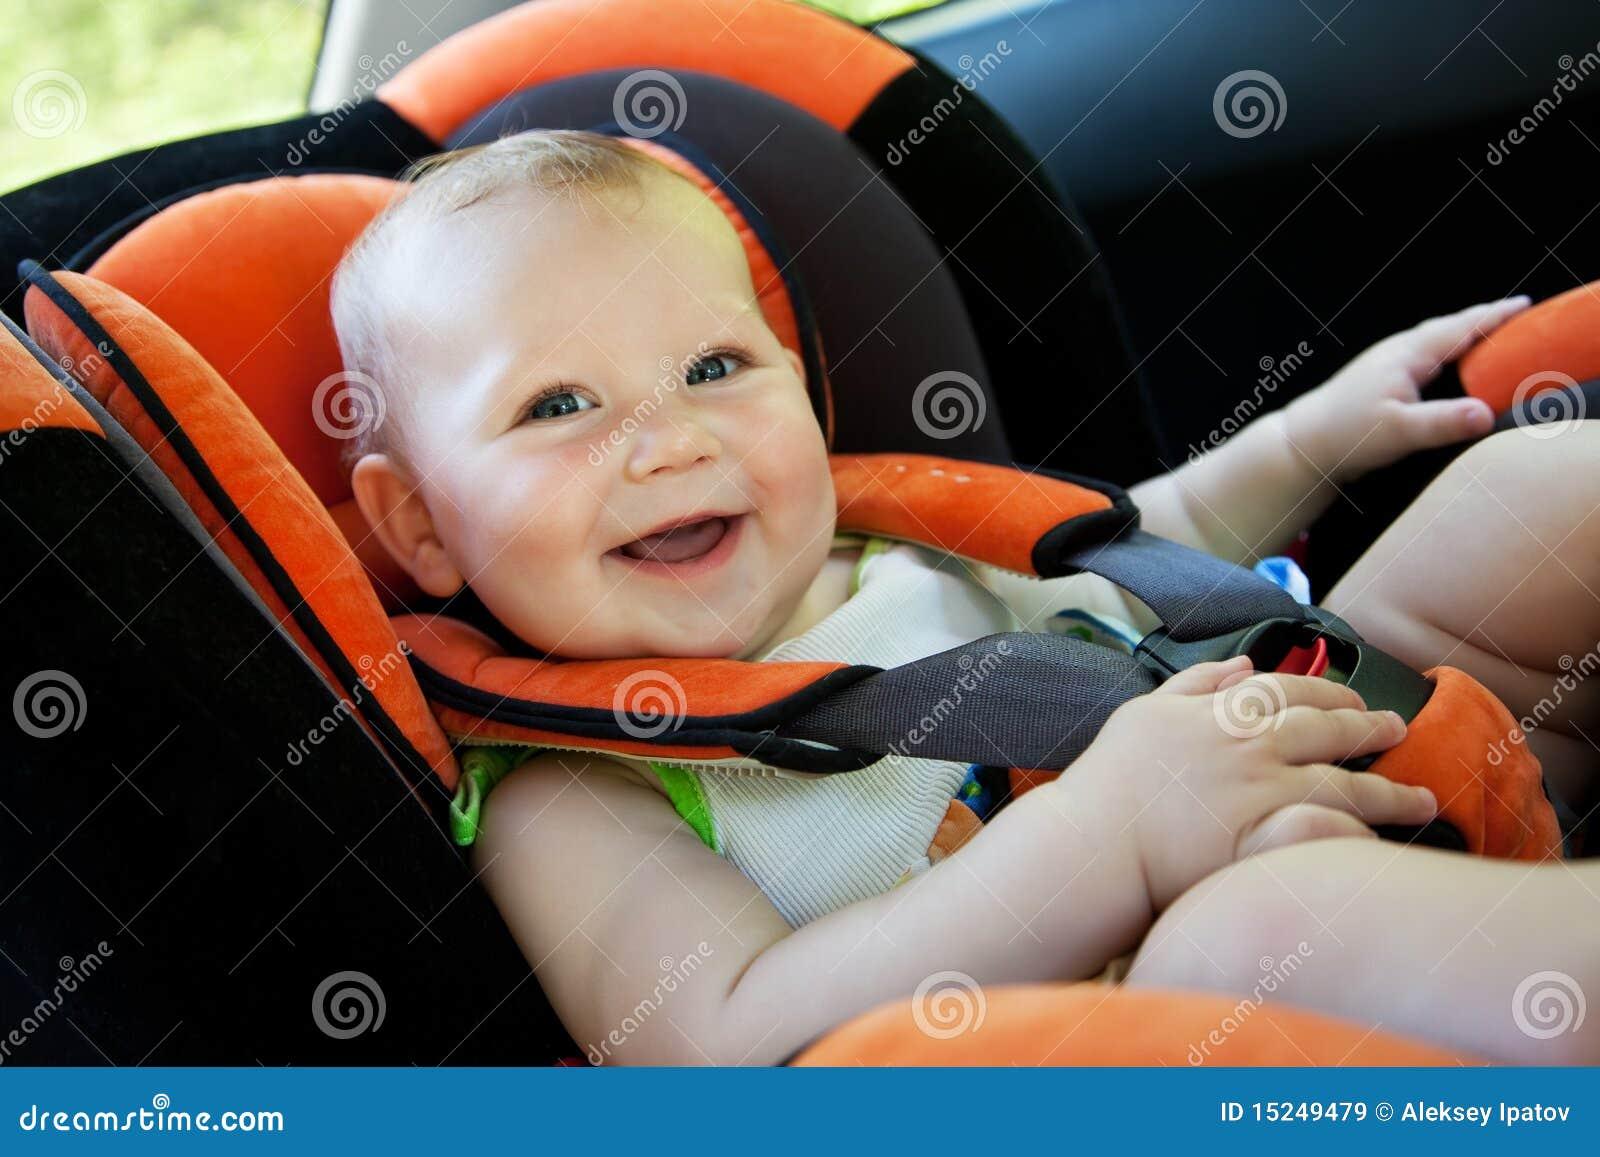 Sonrisa del bebé en coche